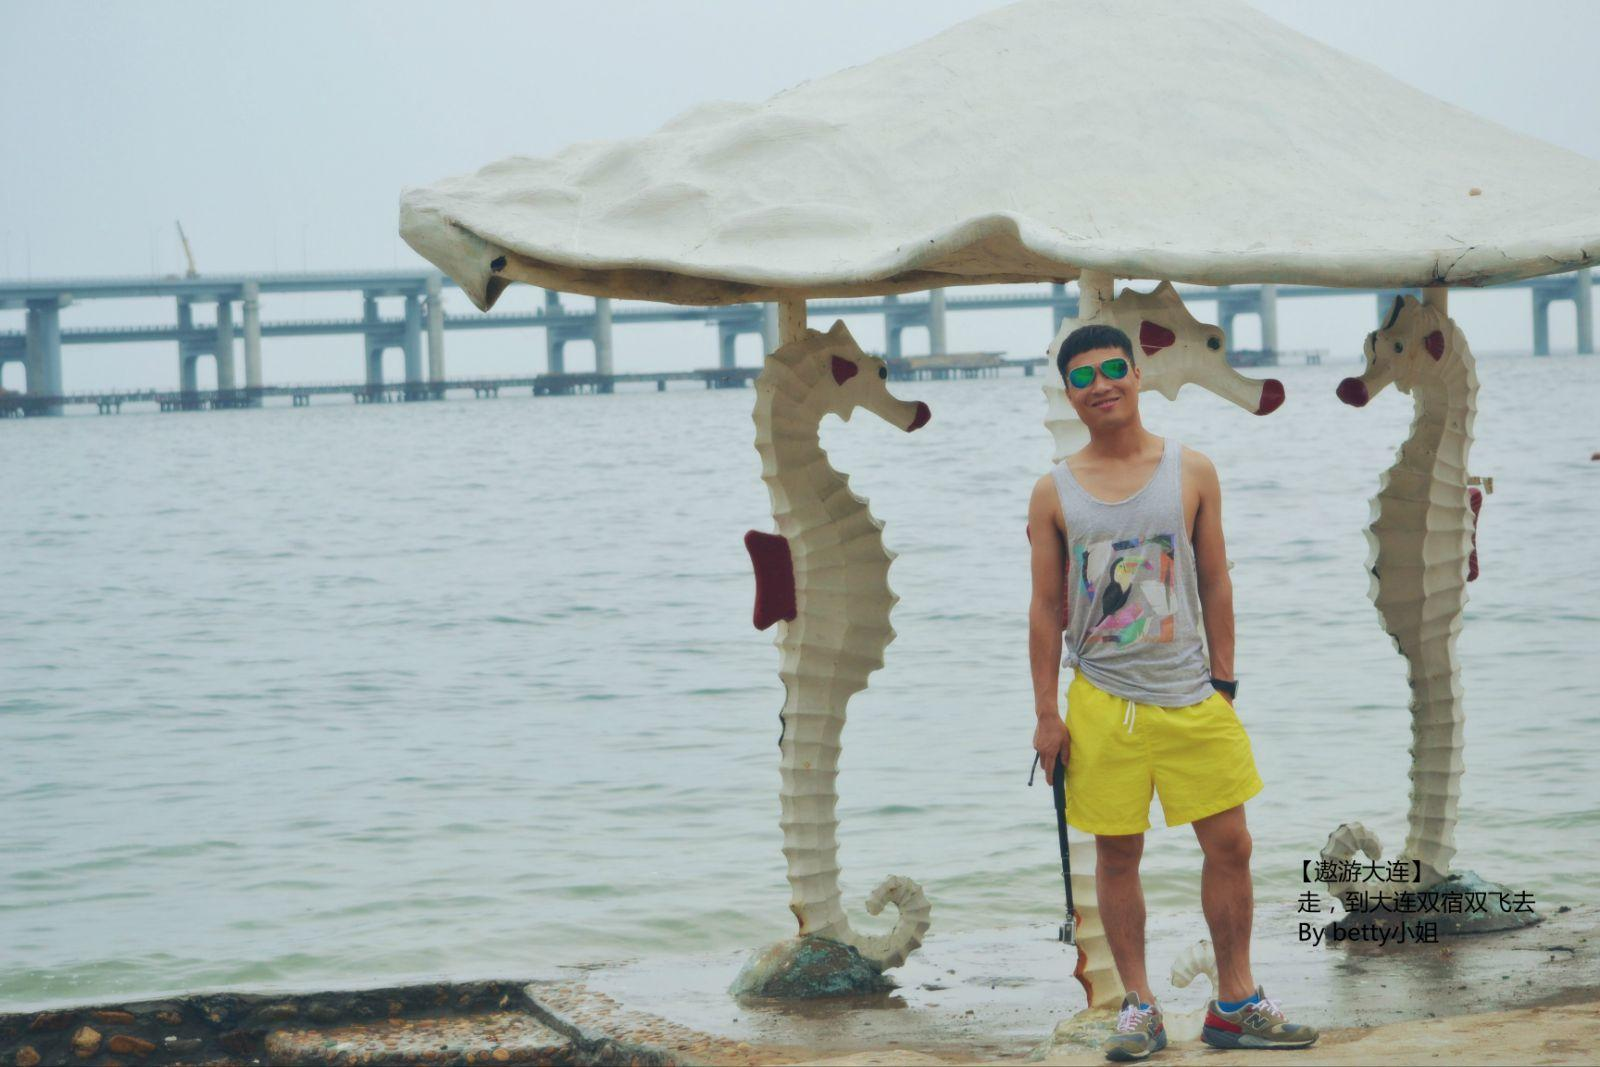 大连金沙滩海滨浴场